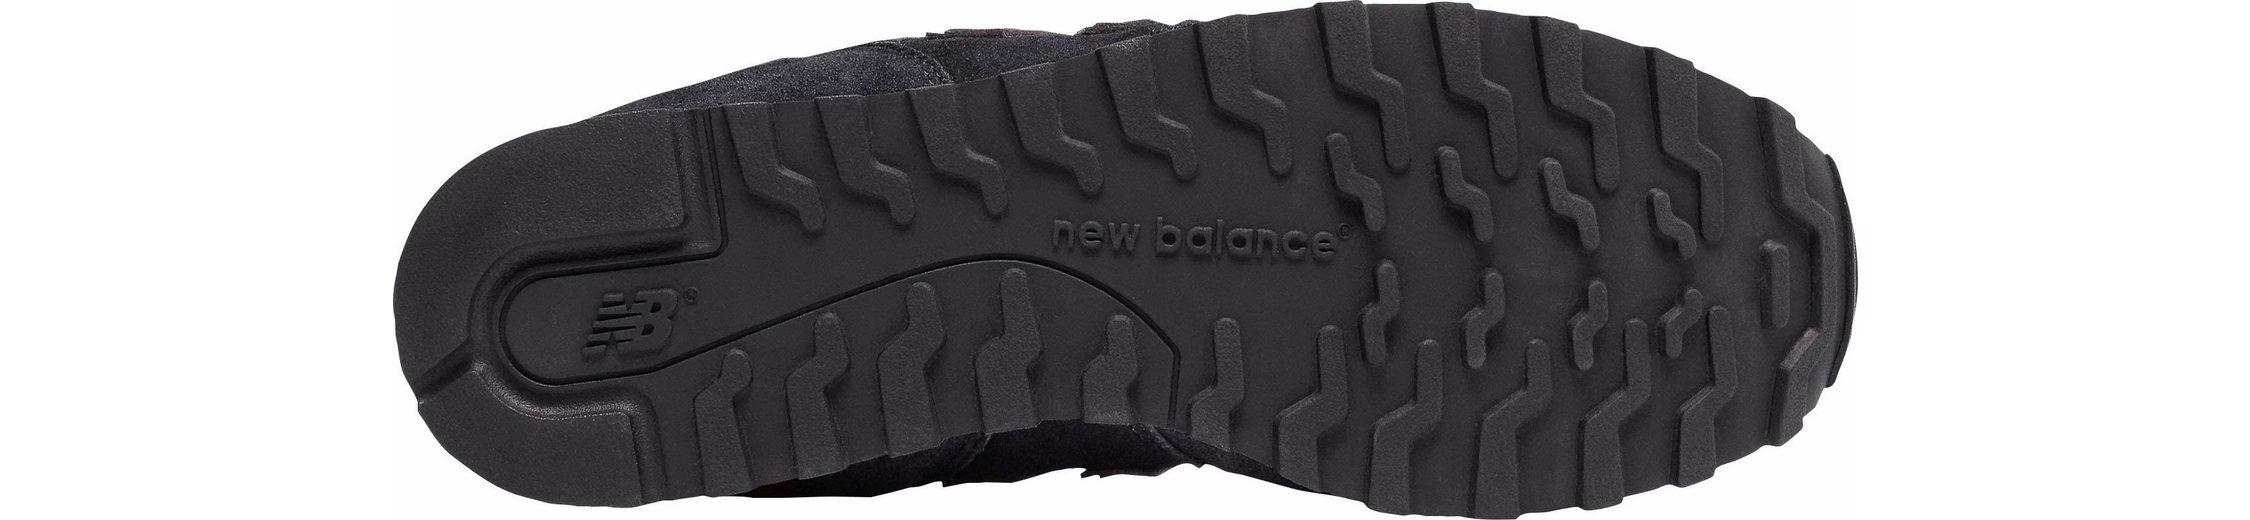 Günstig Kaufen Vorbestellung Billig Kaufen New Balance WL373 Sneaker 100% Ig Garantiert Günstiger Preis Outlet Factory Outlet Shop-Angebot Günstig Online aeKJgrW